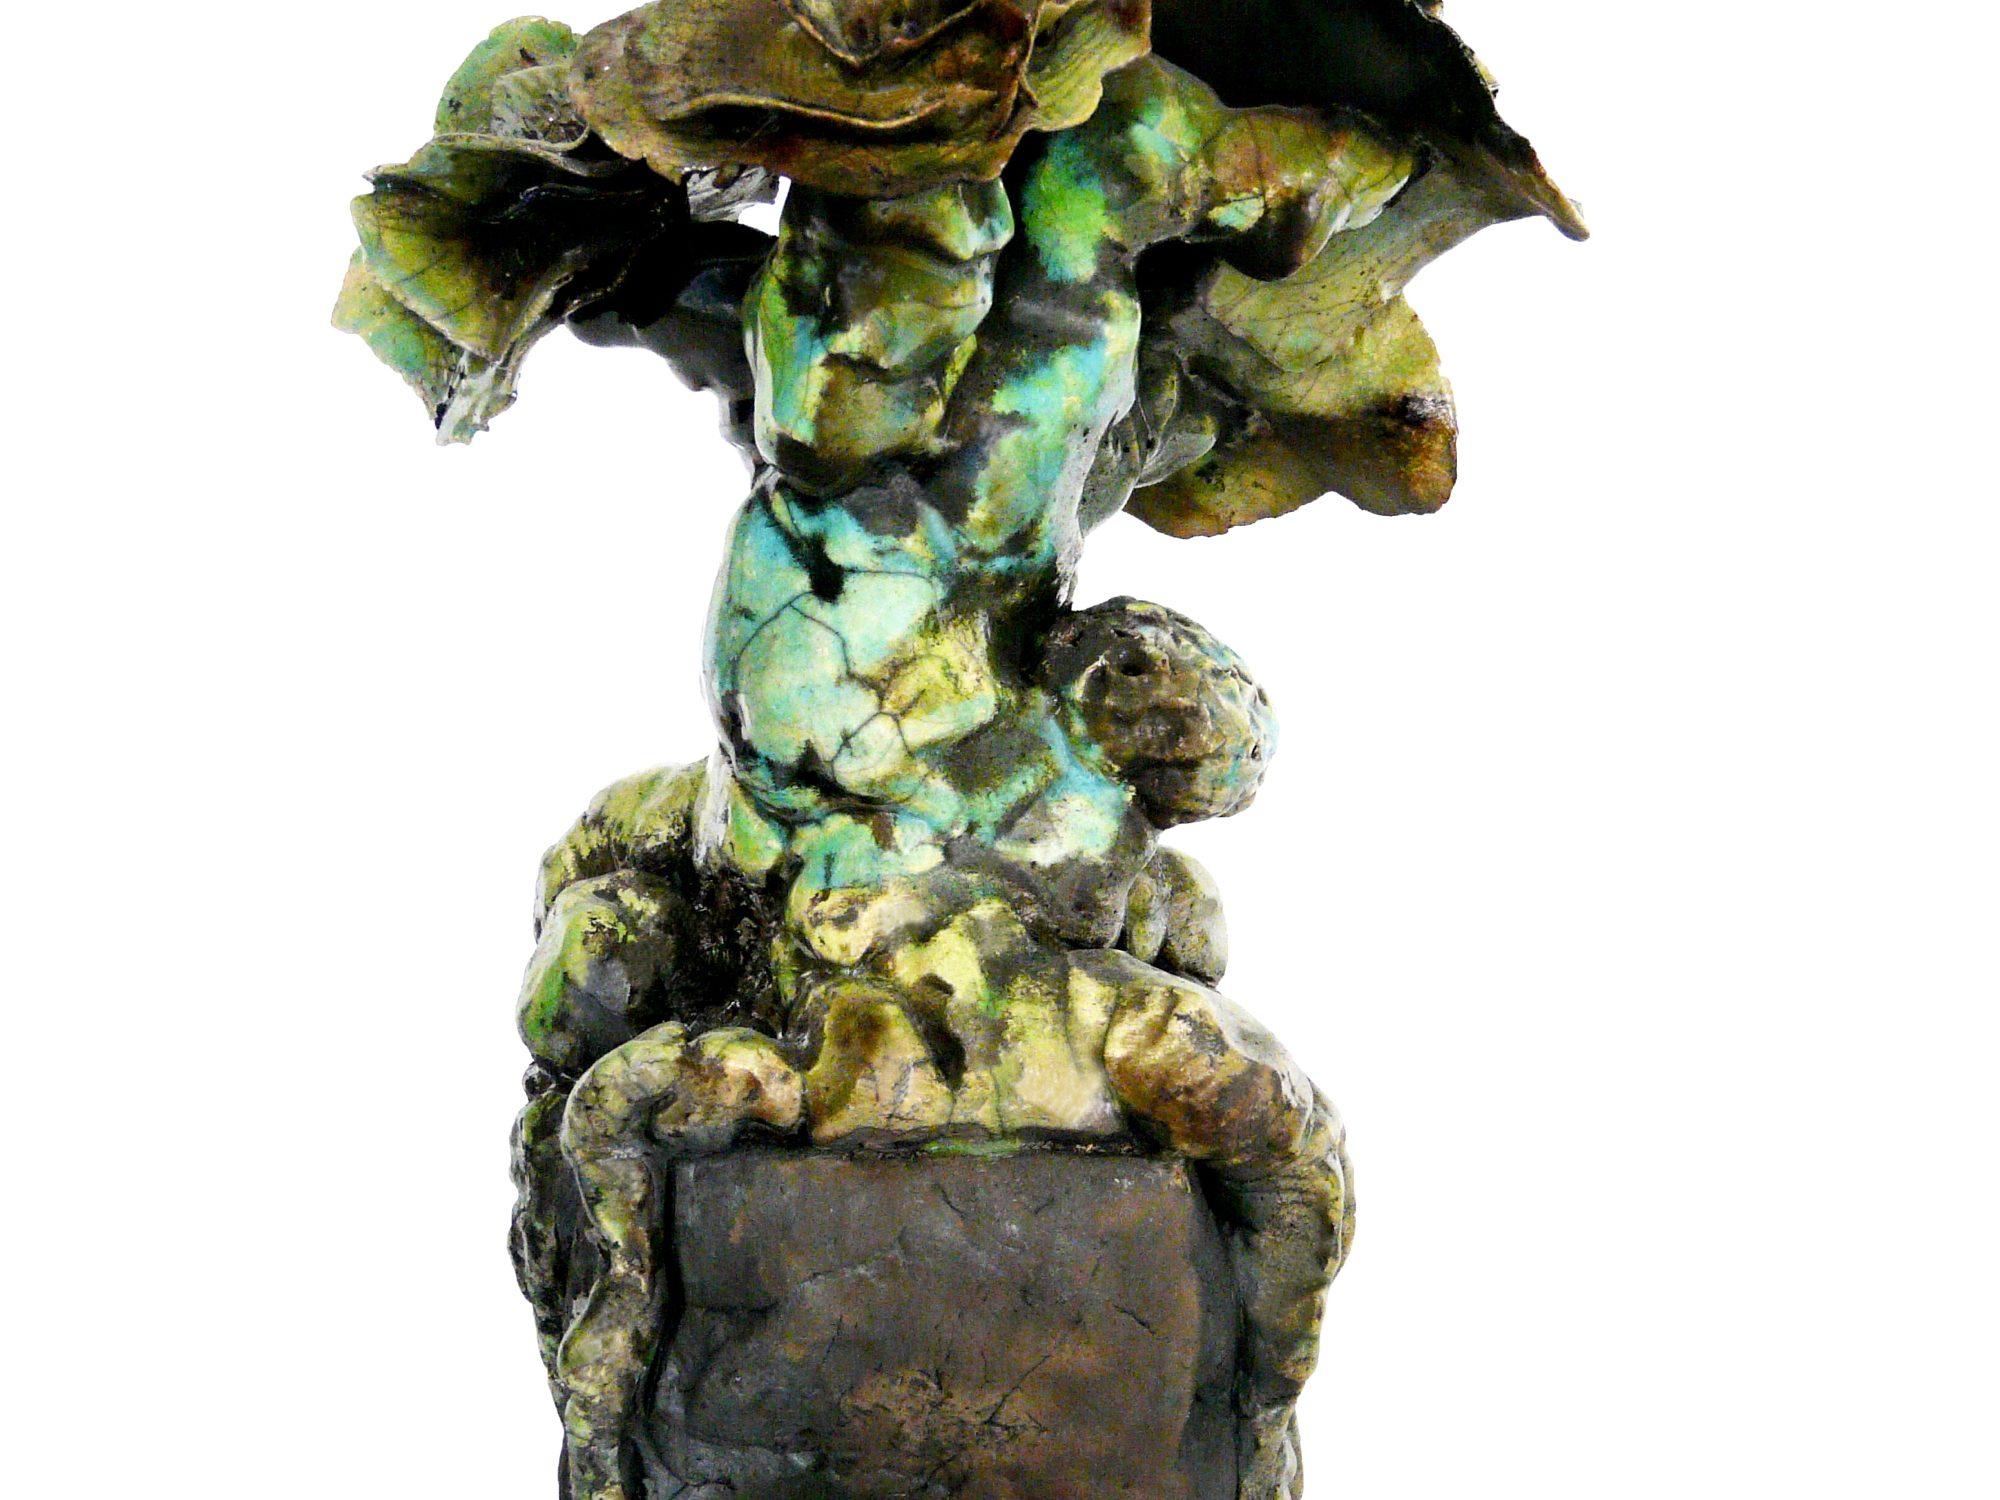 Le T'écoute jamais quand je te parle - Grès - Raku - - Sculptures céramique de Florence Lemiegre